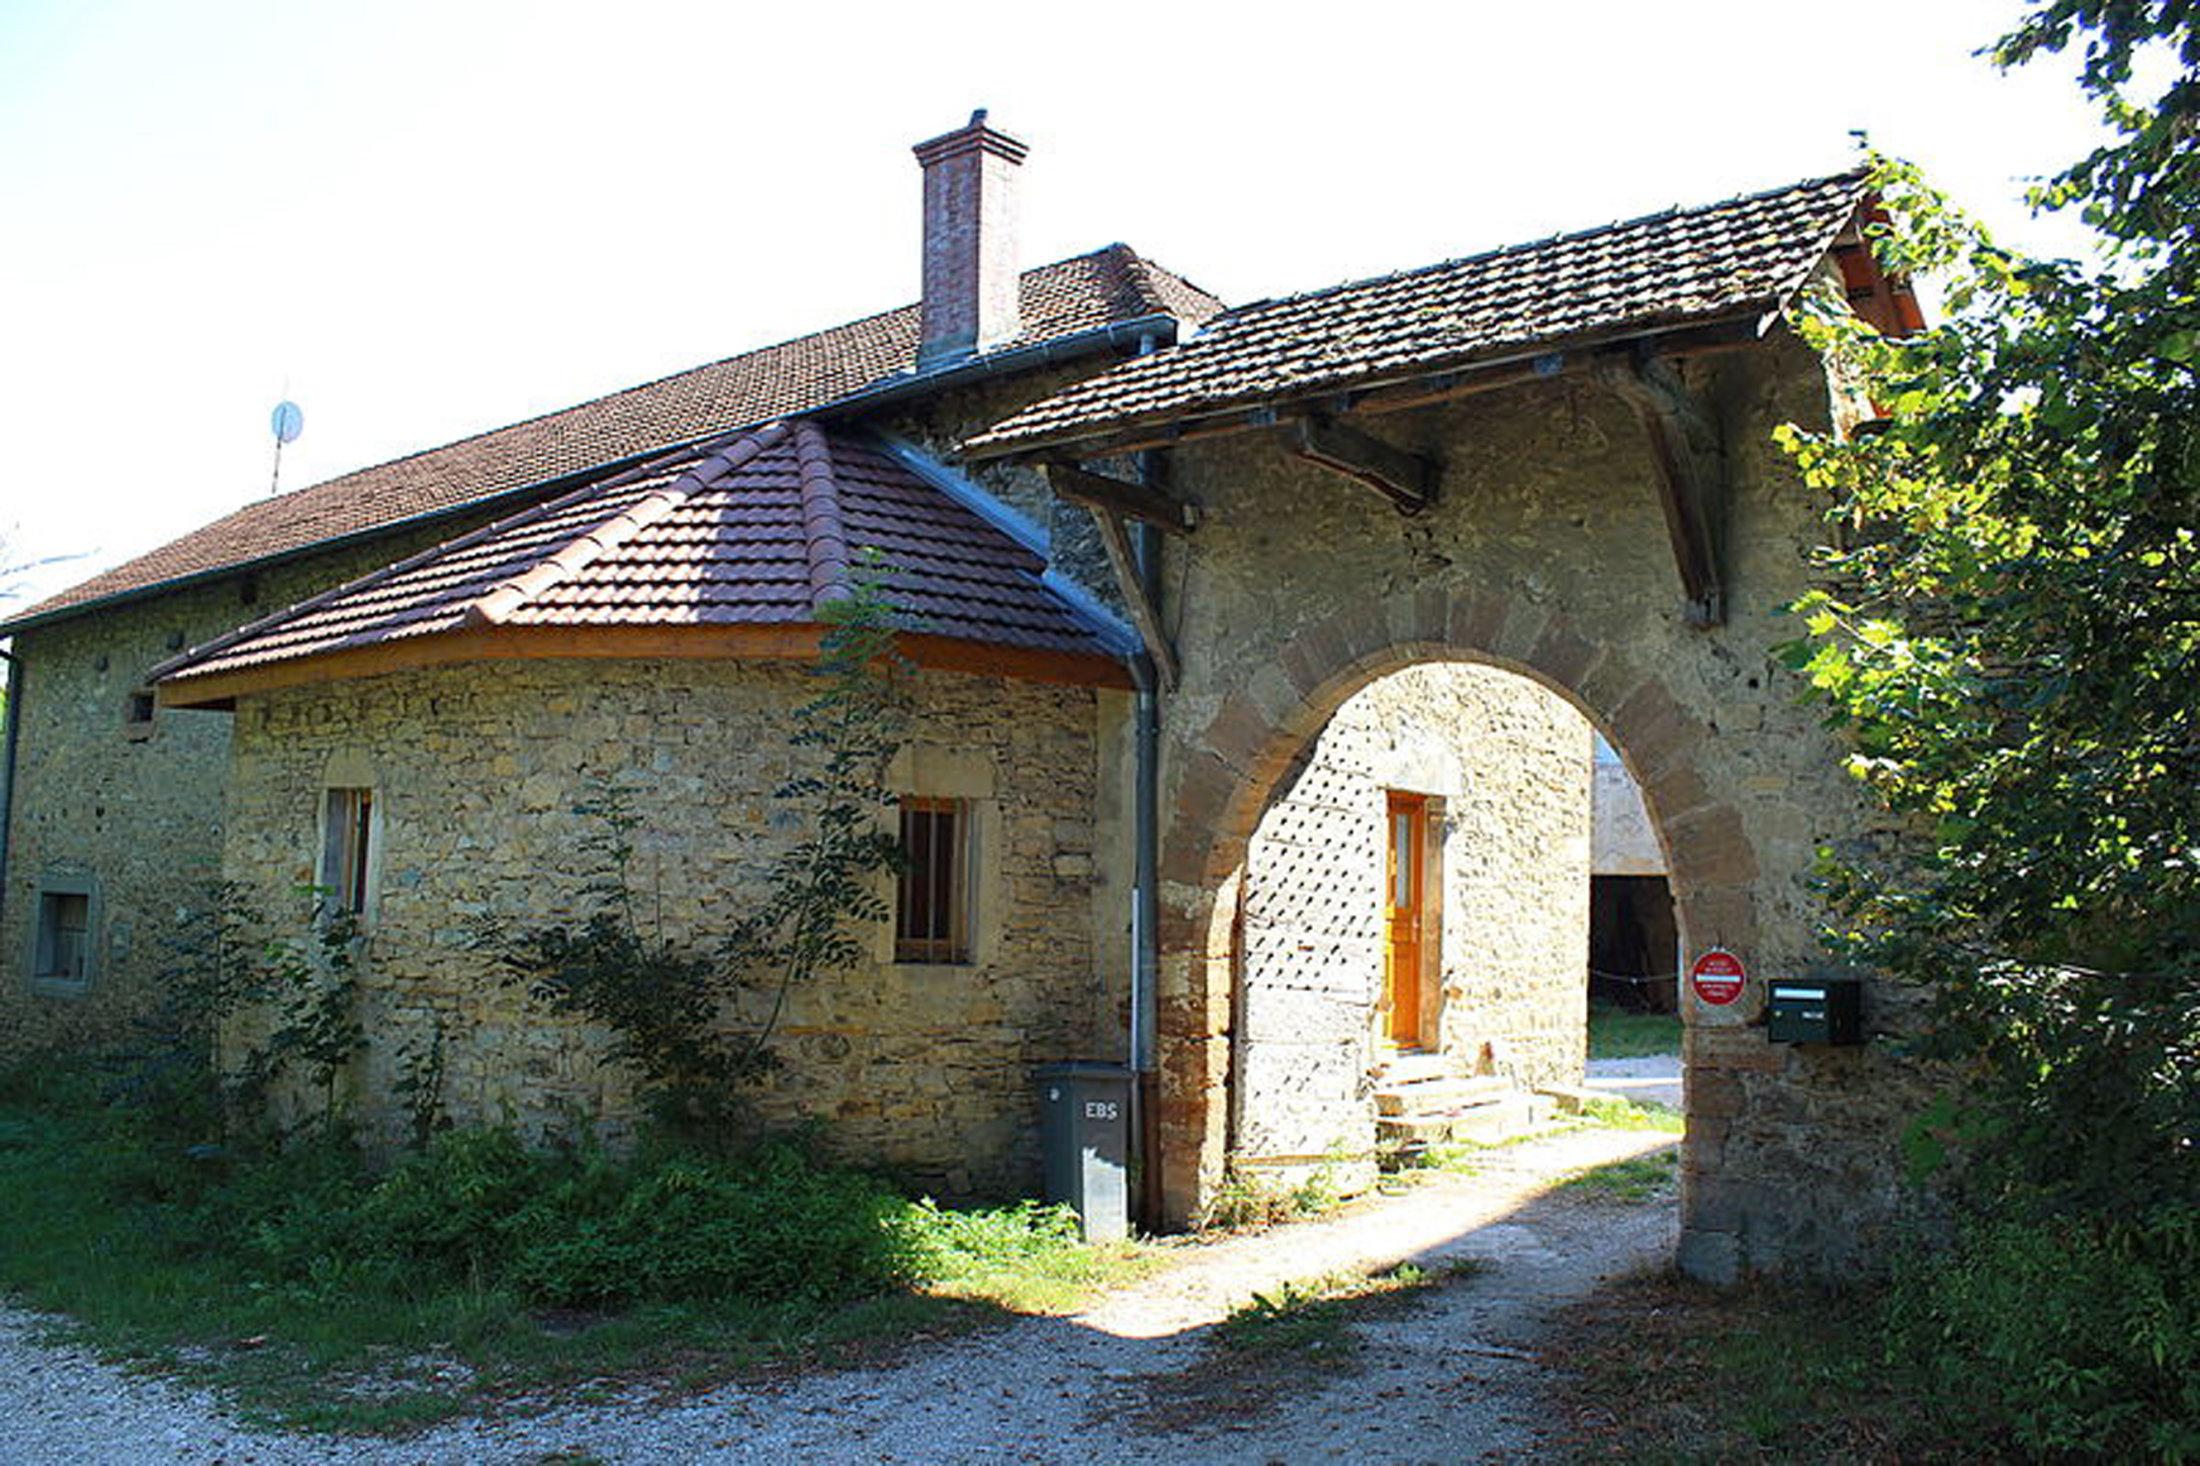 2019.03.07 Veyssilieu Entree Chateau